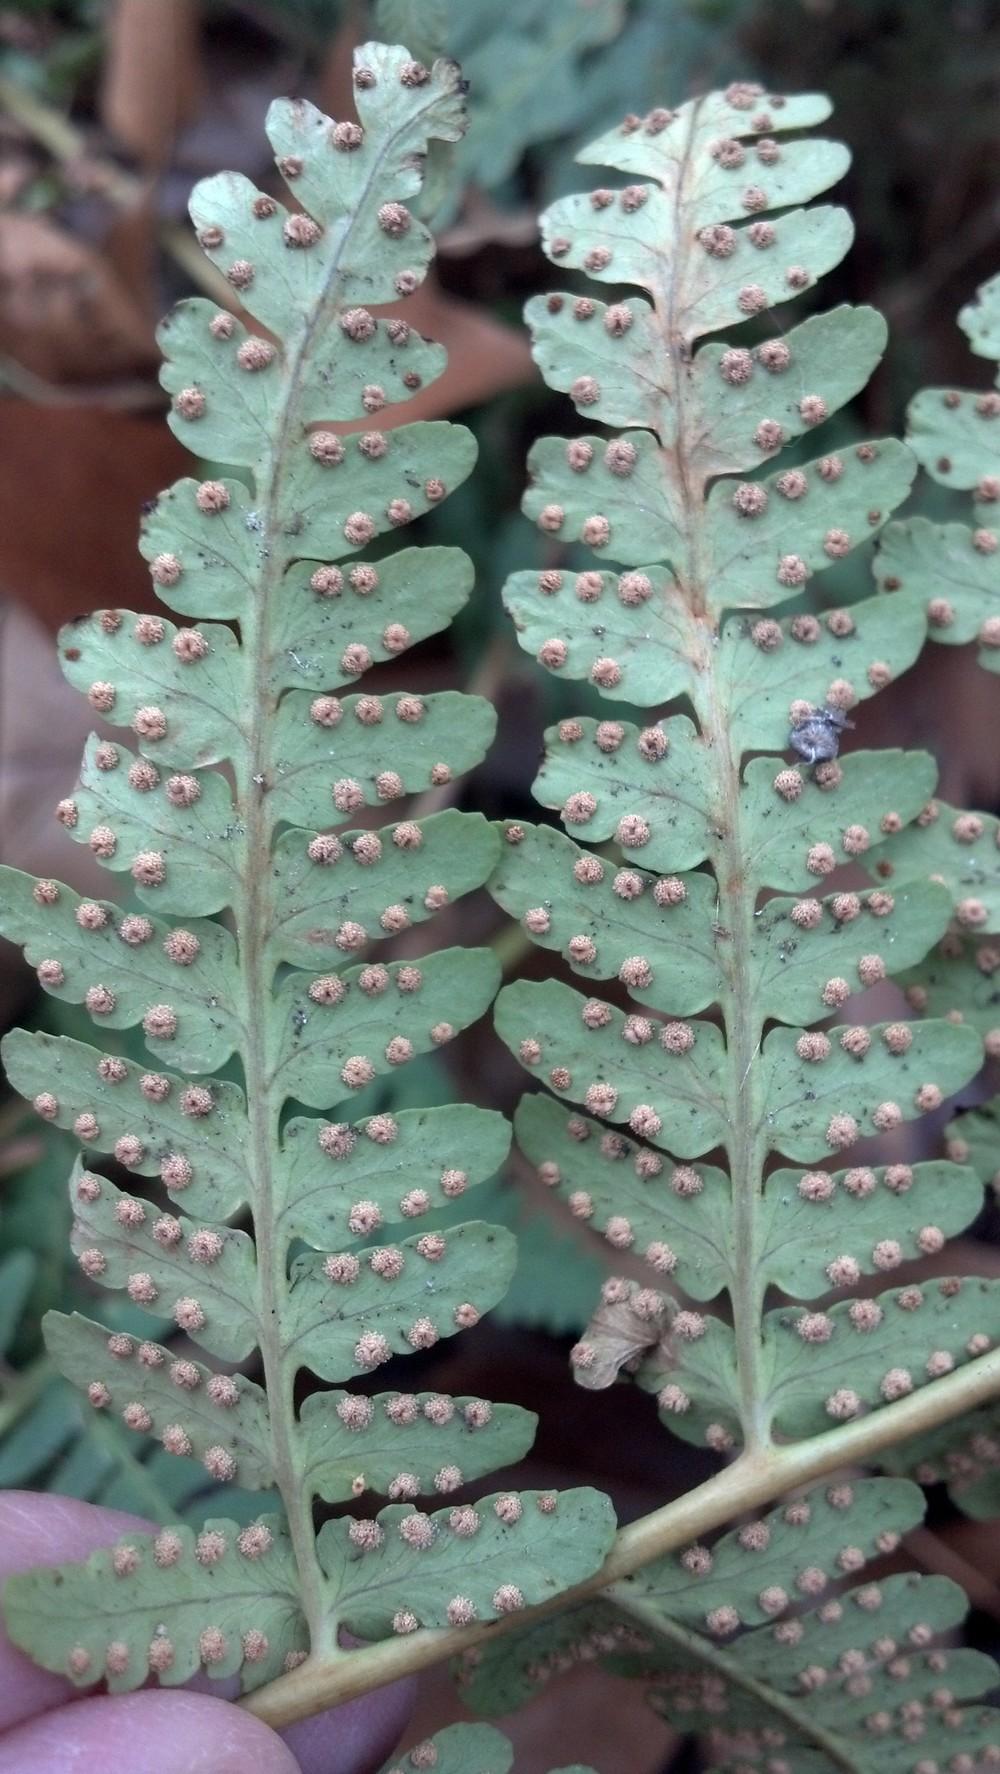 Dryopteris marginalisDryopteridaceae, marginal wood fern